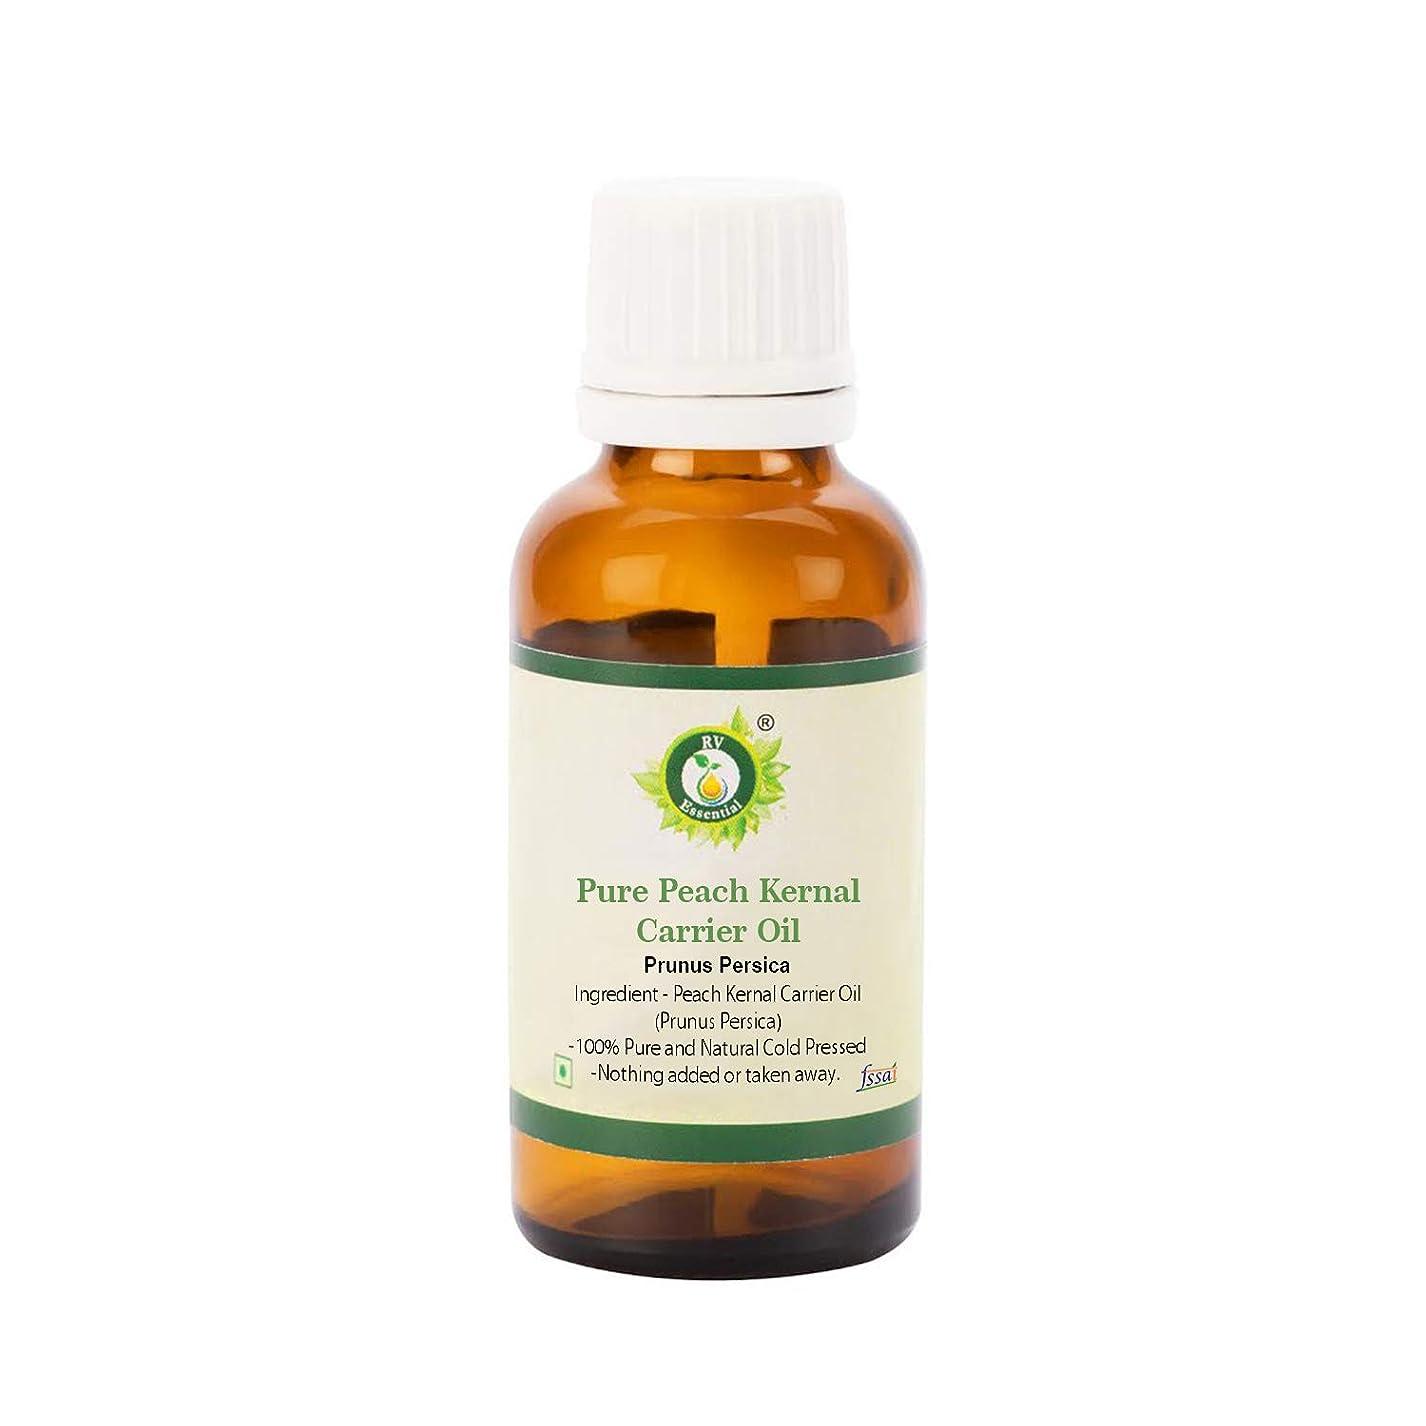 田舎正確に厳R V Essential ピュアピーチ Kernalキャリアオイル30ml (1.01oz)- Prunus Persica (100%ピュア&ナチュラルコールドPressed) Pure Peach Kernal Carrier Oil